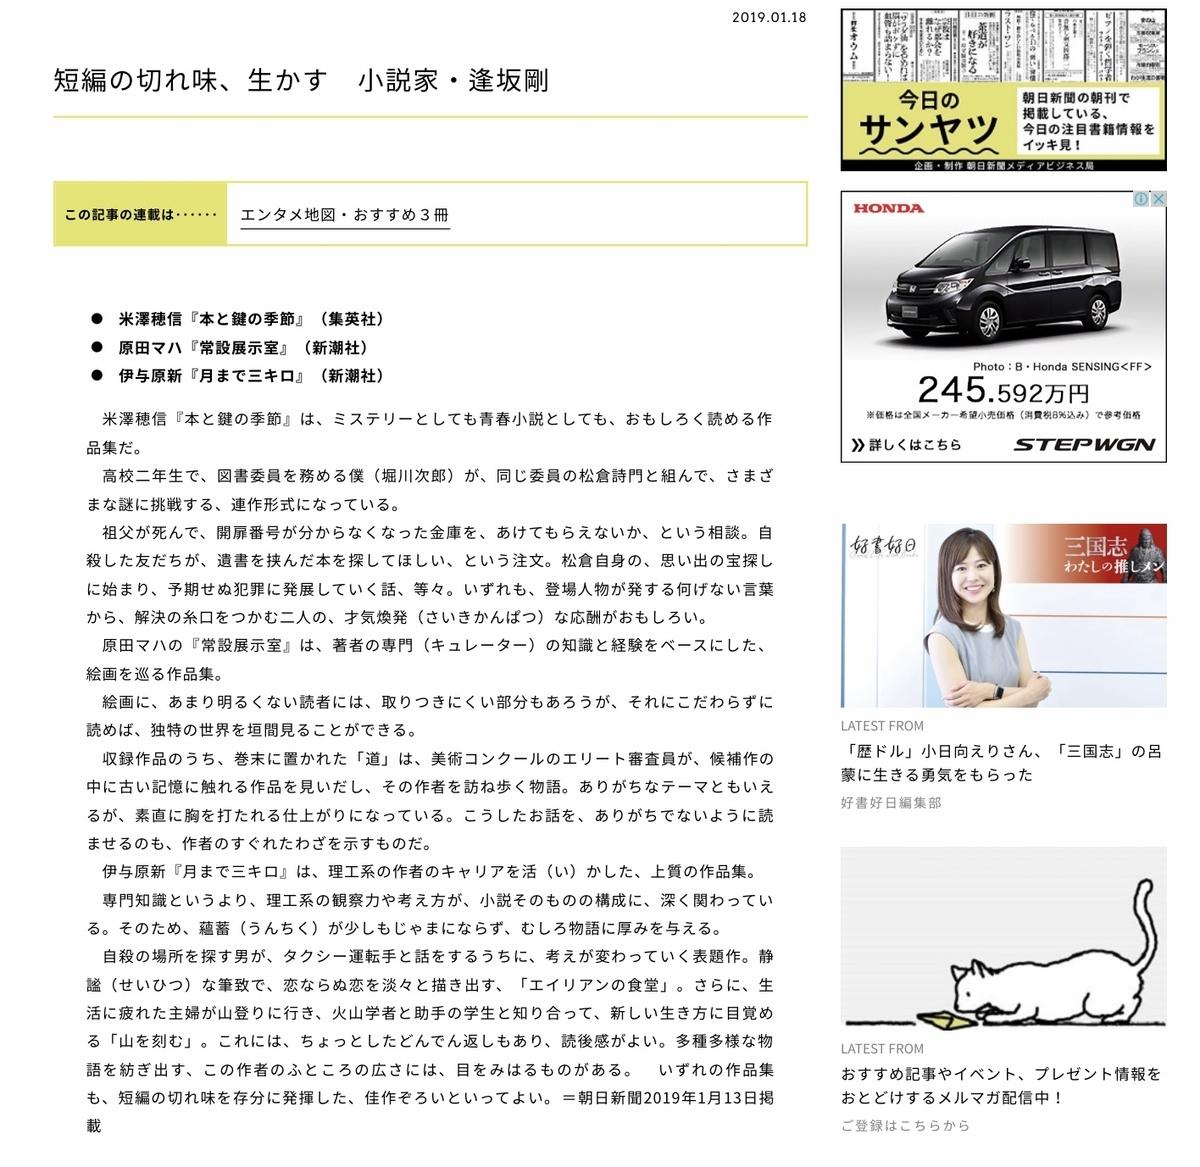 f:id:yujiro-1:20190718055406j:plain